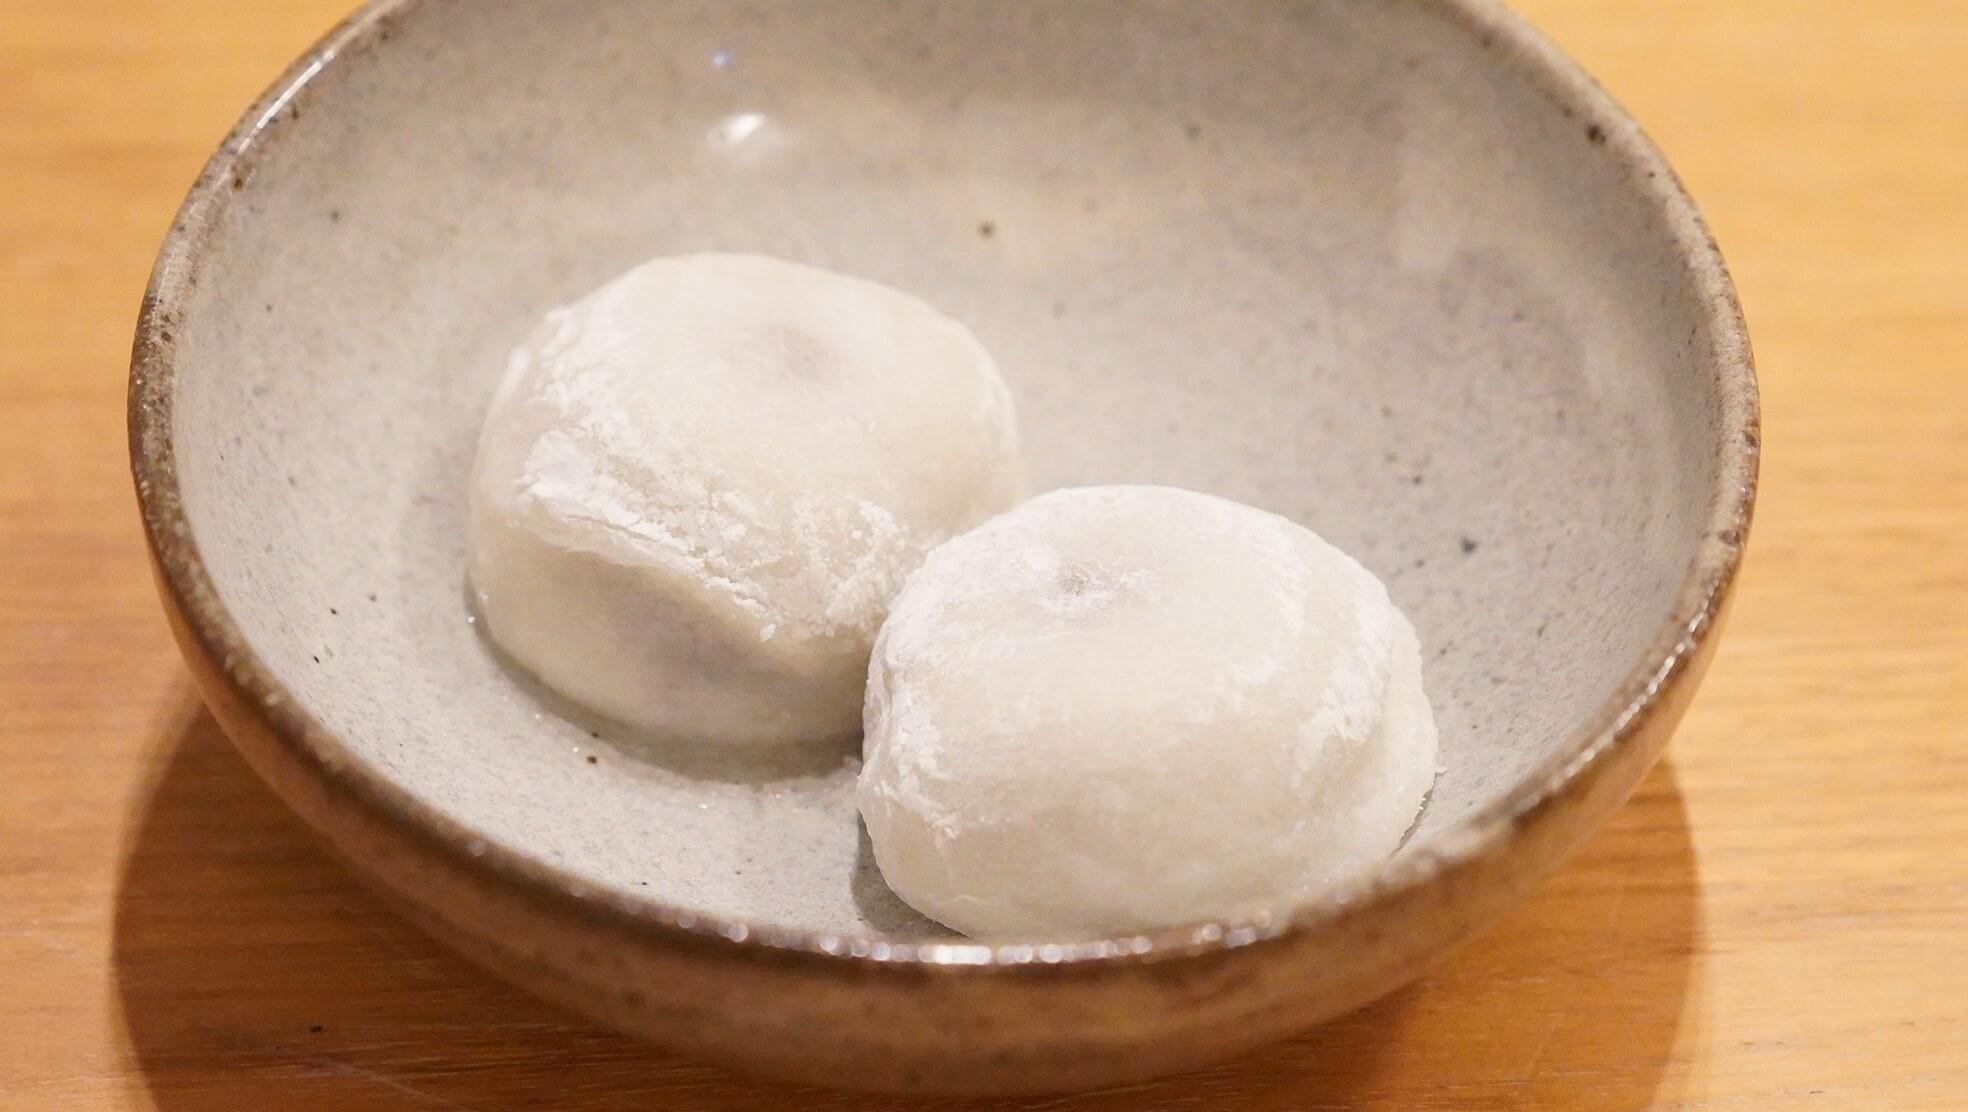 冷凍食品の和菓子スイーツ「井村屋謹製・大福」を皿に盛りつけた写真